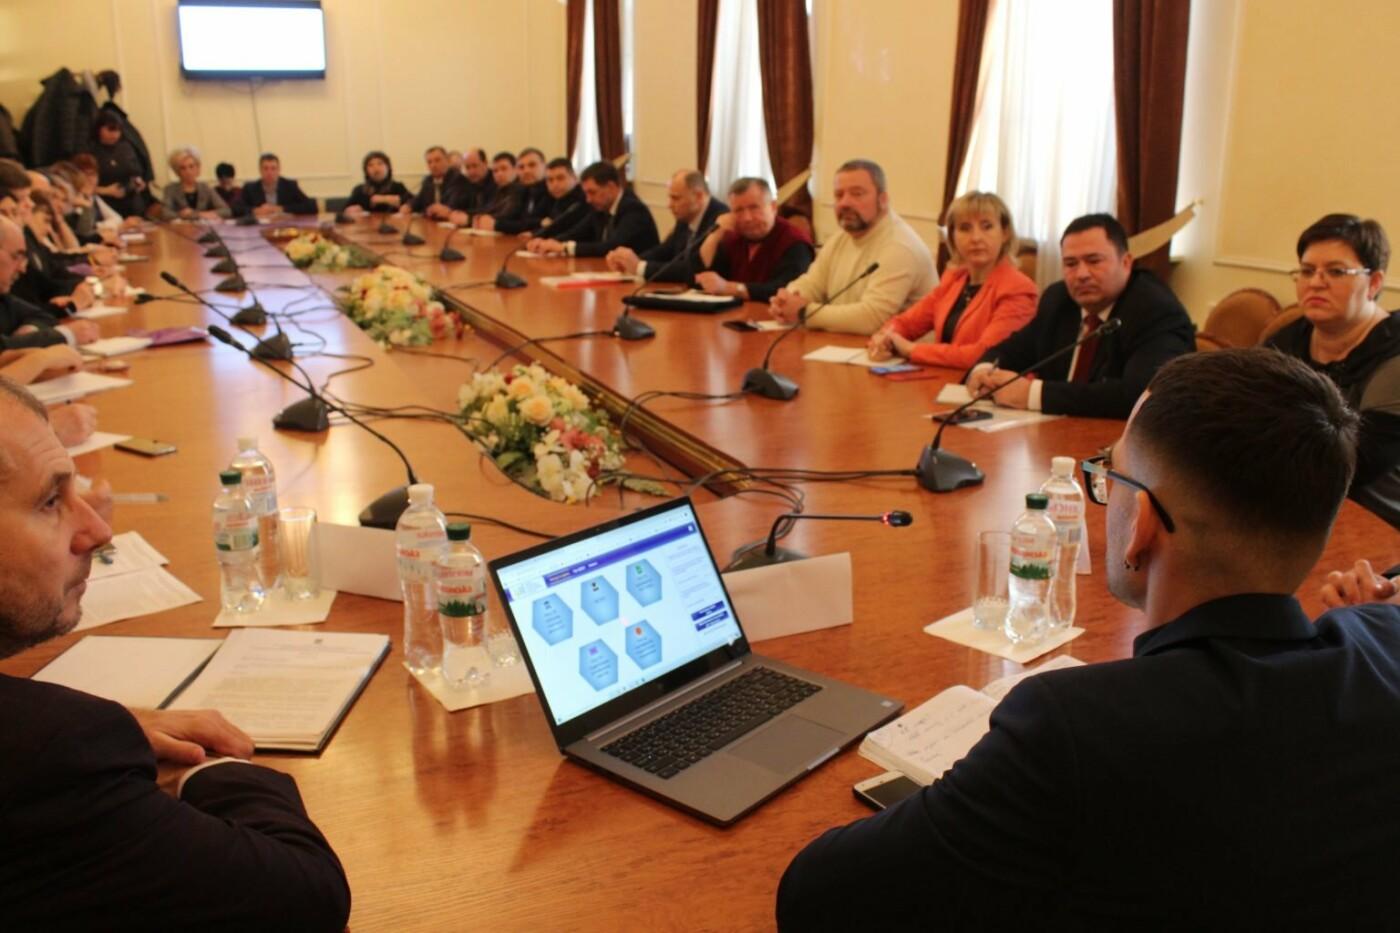 Заступник Міністра освіти і науки України відвідав виші Кам'янця-Подільського, фото-2, Фото: Хмельницька ОДА